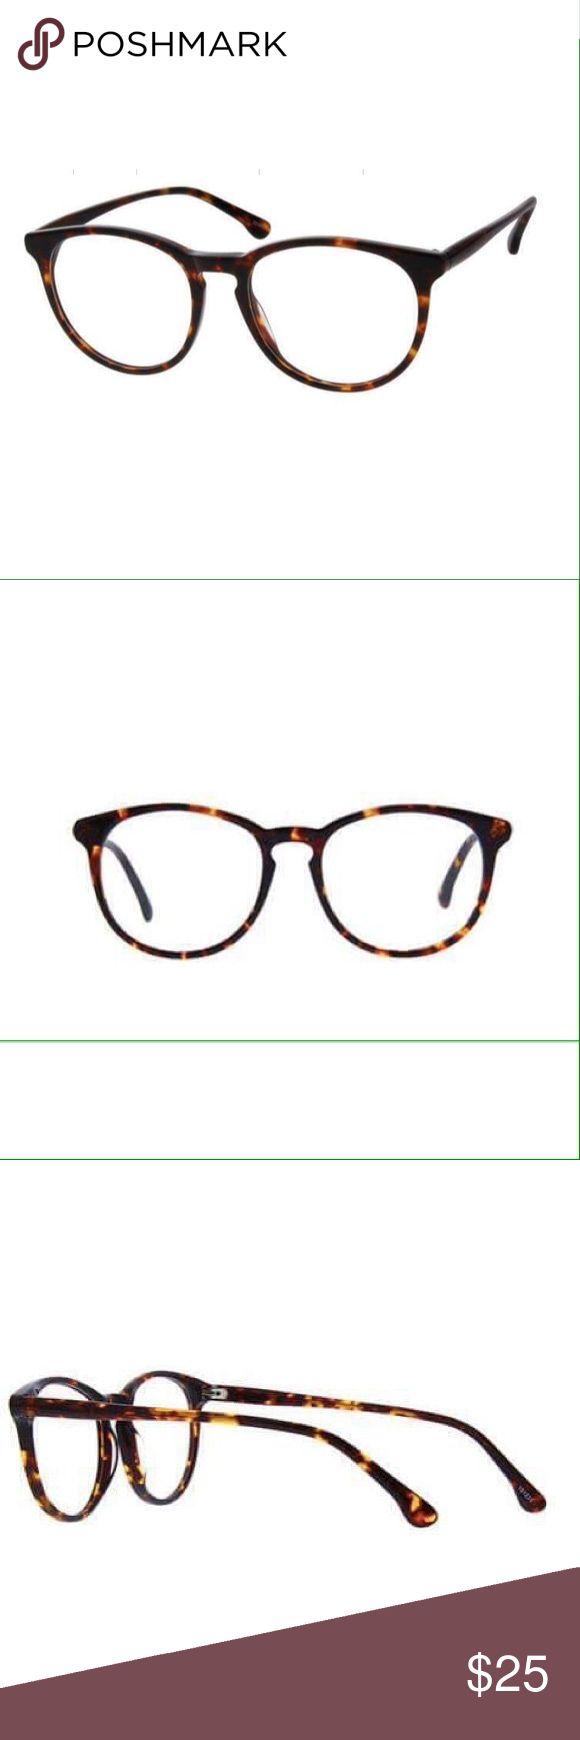 da2e95dfac2e Eyeglasses Prescription Od Os